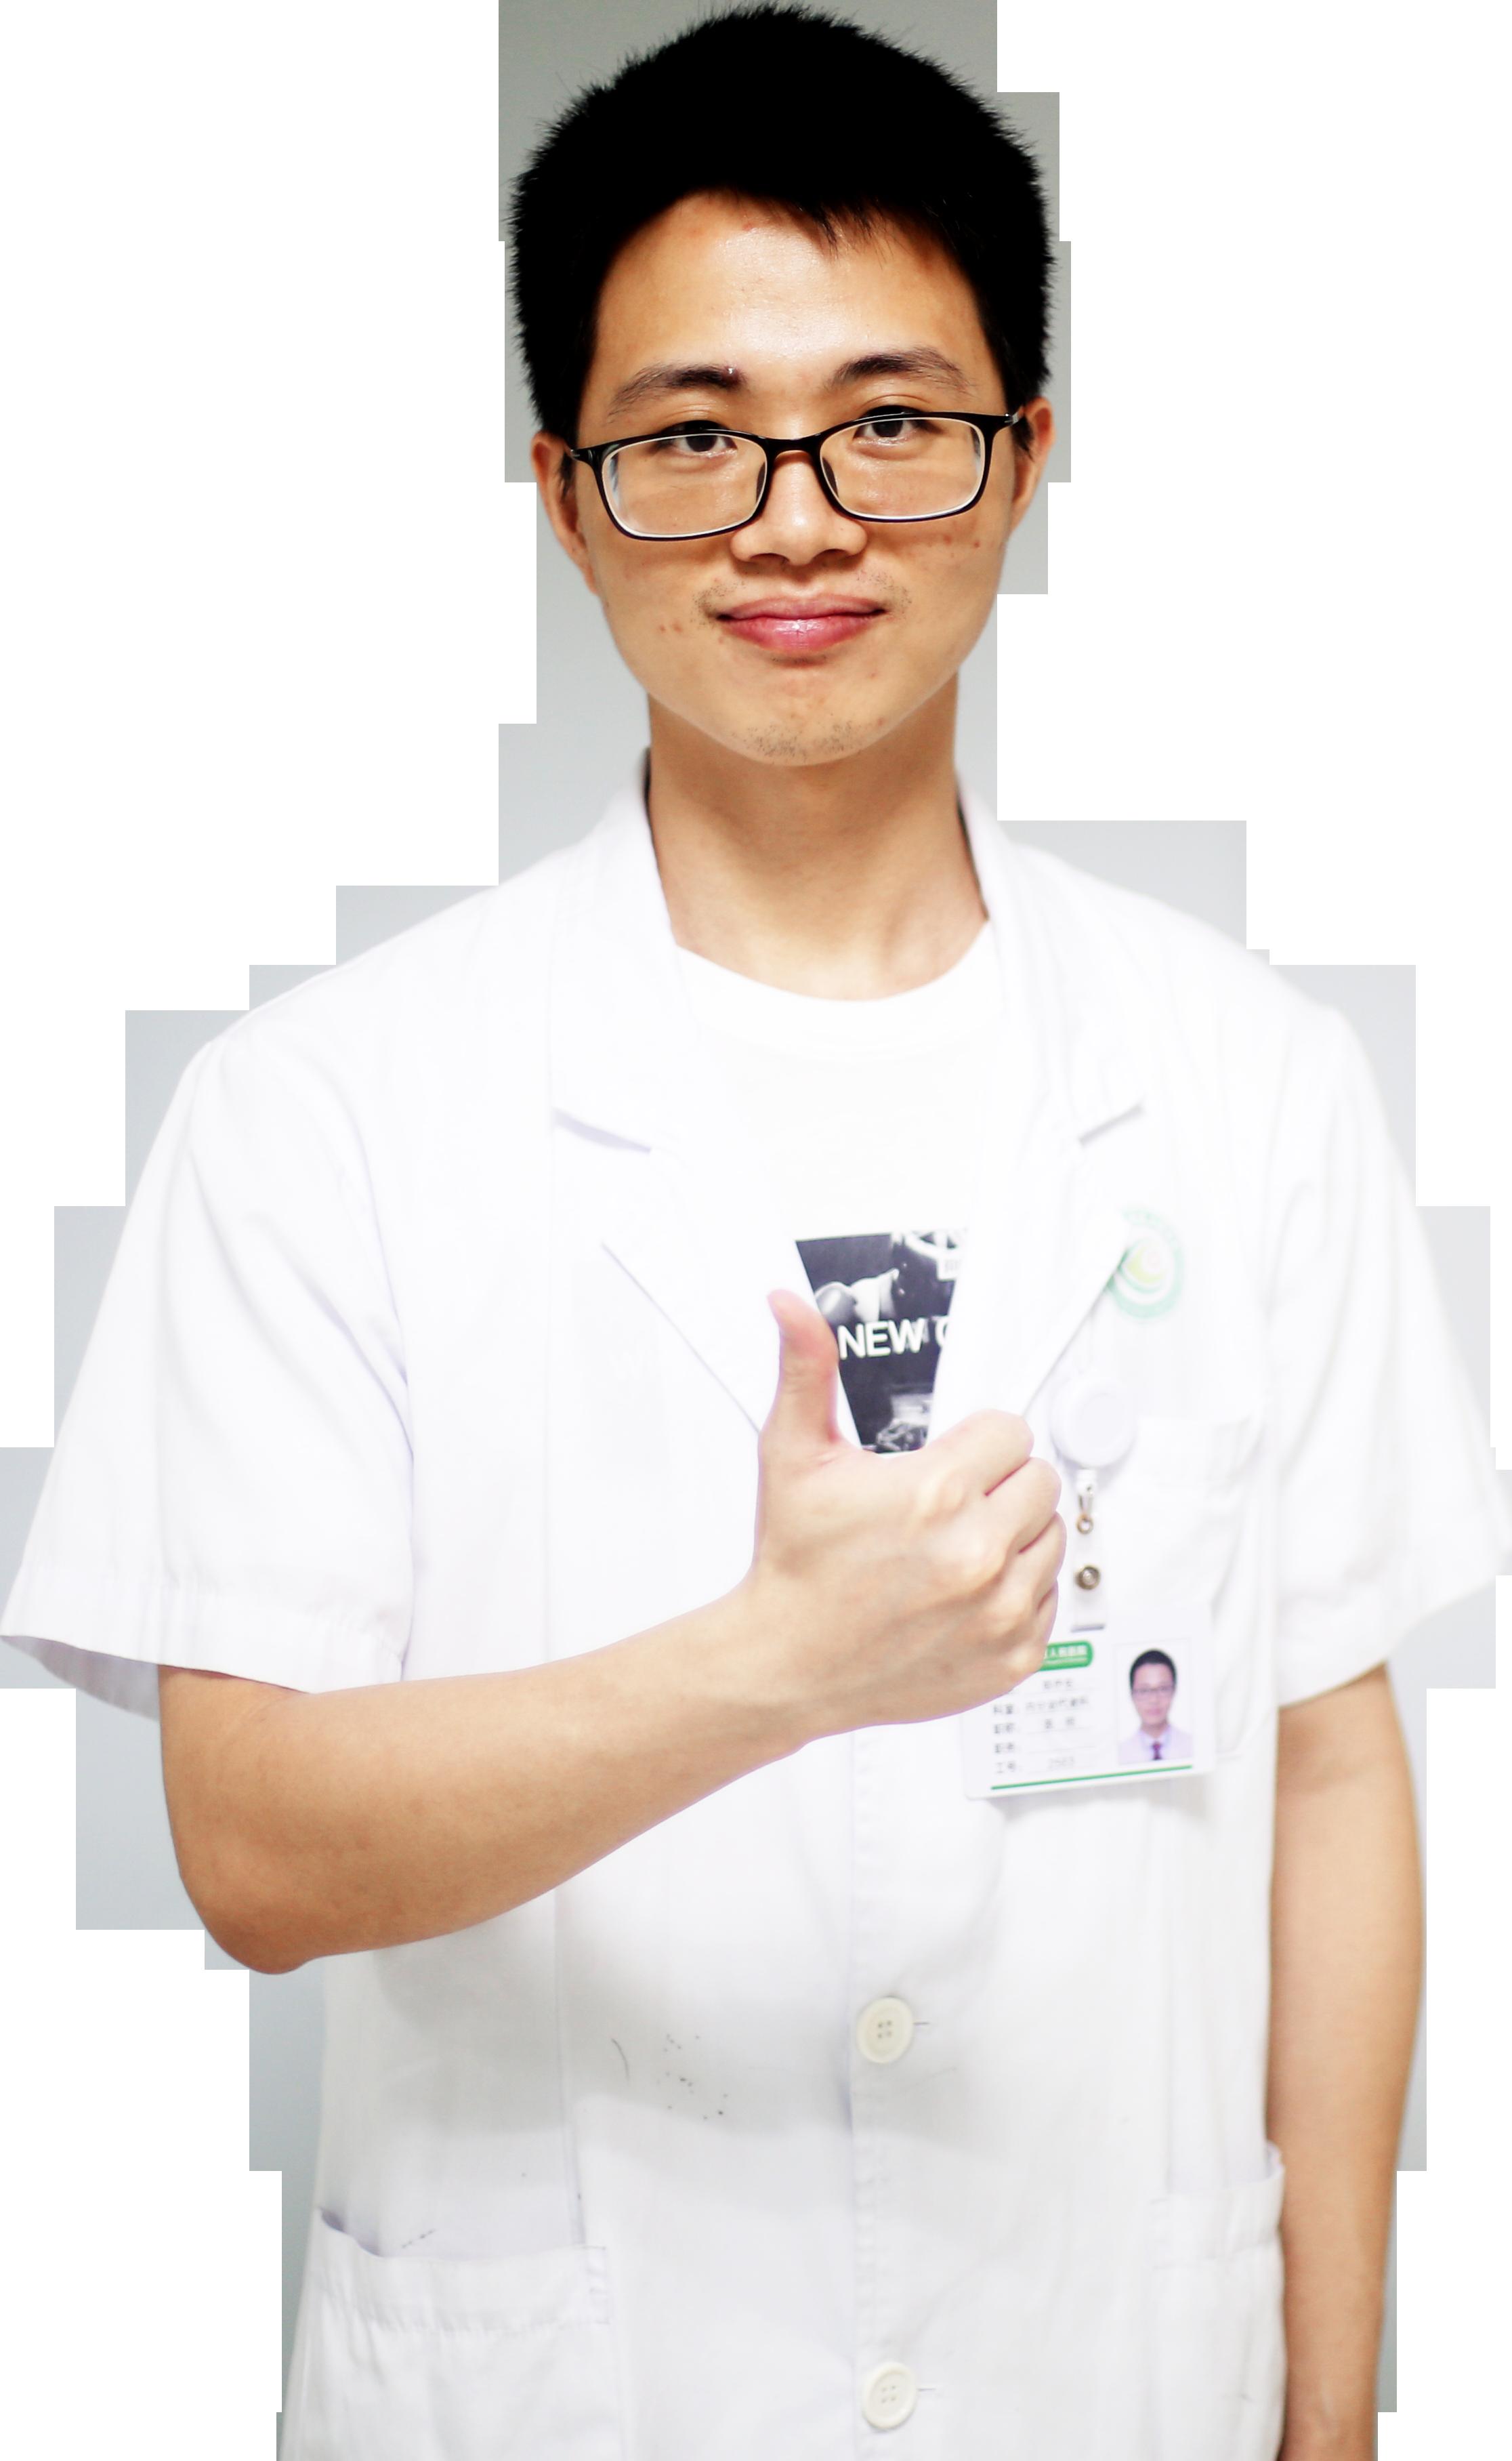 深圳市龙岗区人民医院「我是谁」百名抗疫人物展系列之二